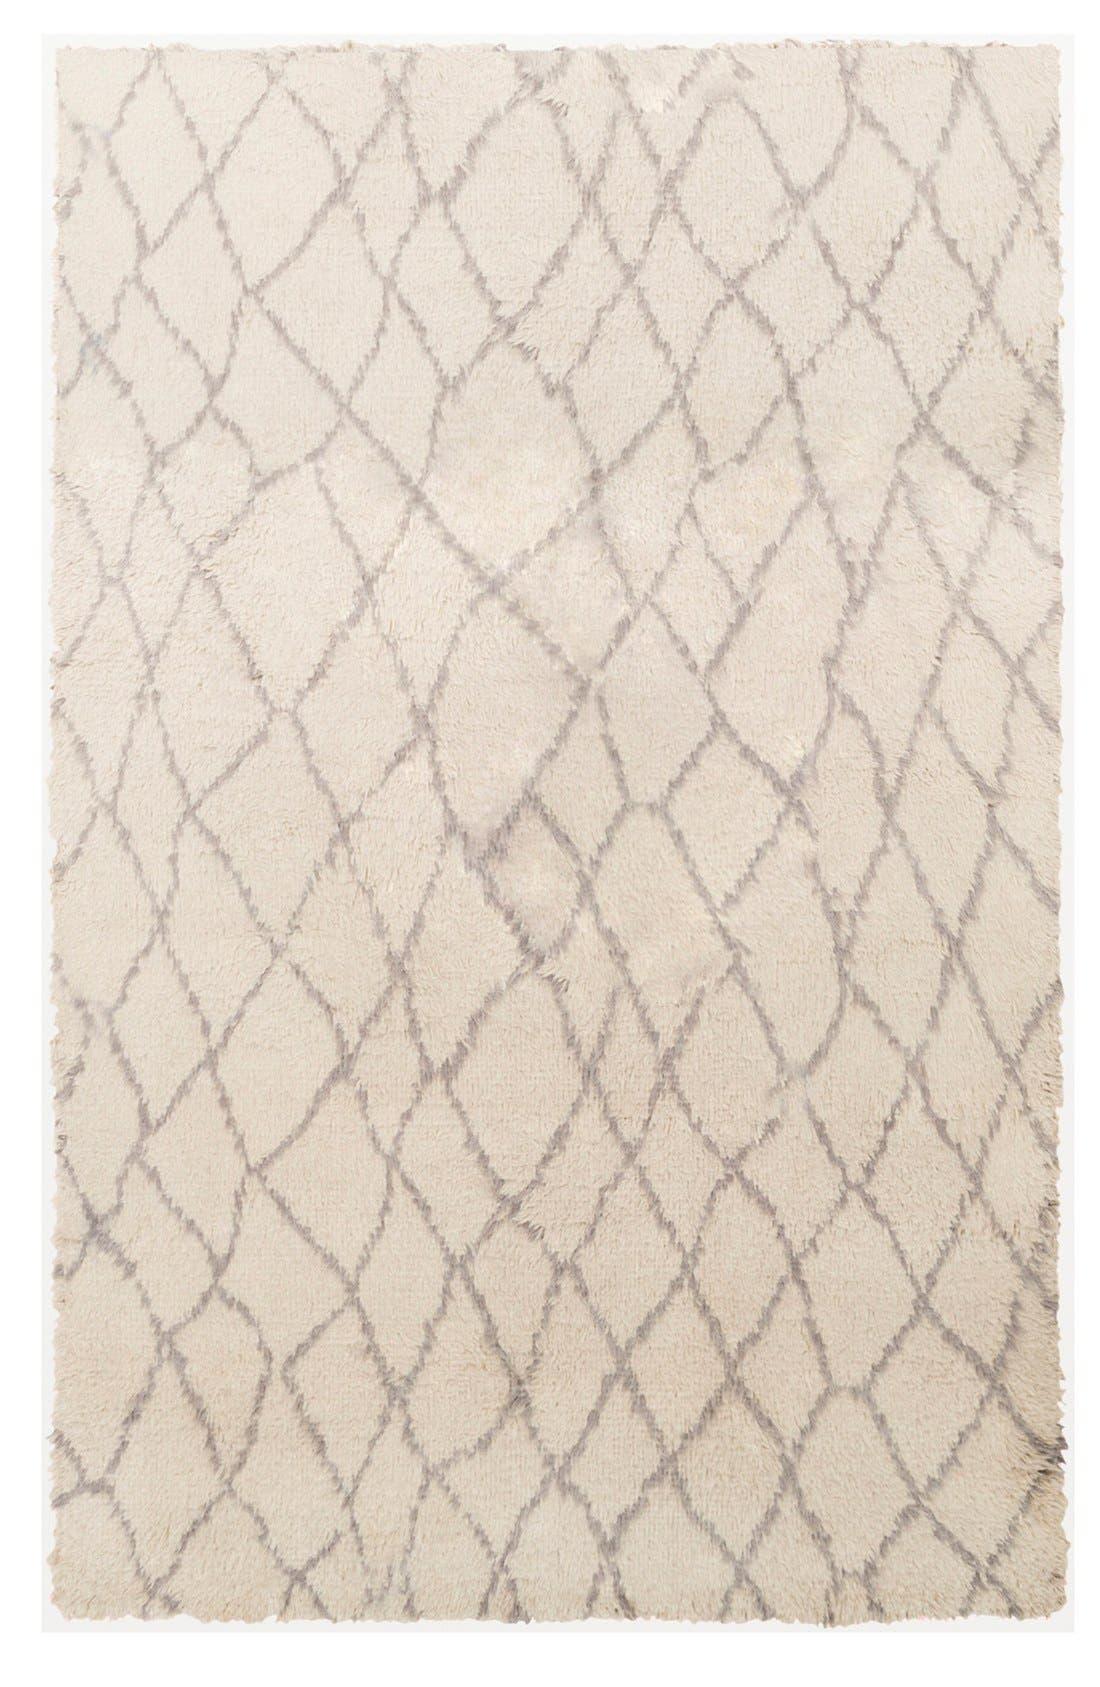 Alternate Image 1 Selected - Surya Home 'Denali - Lines' Wool Rug